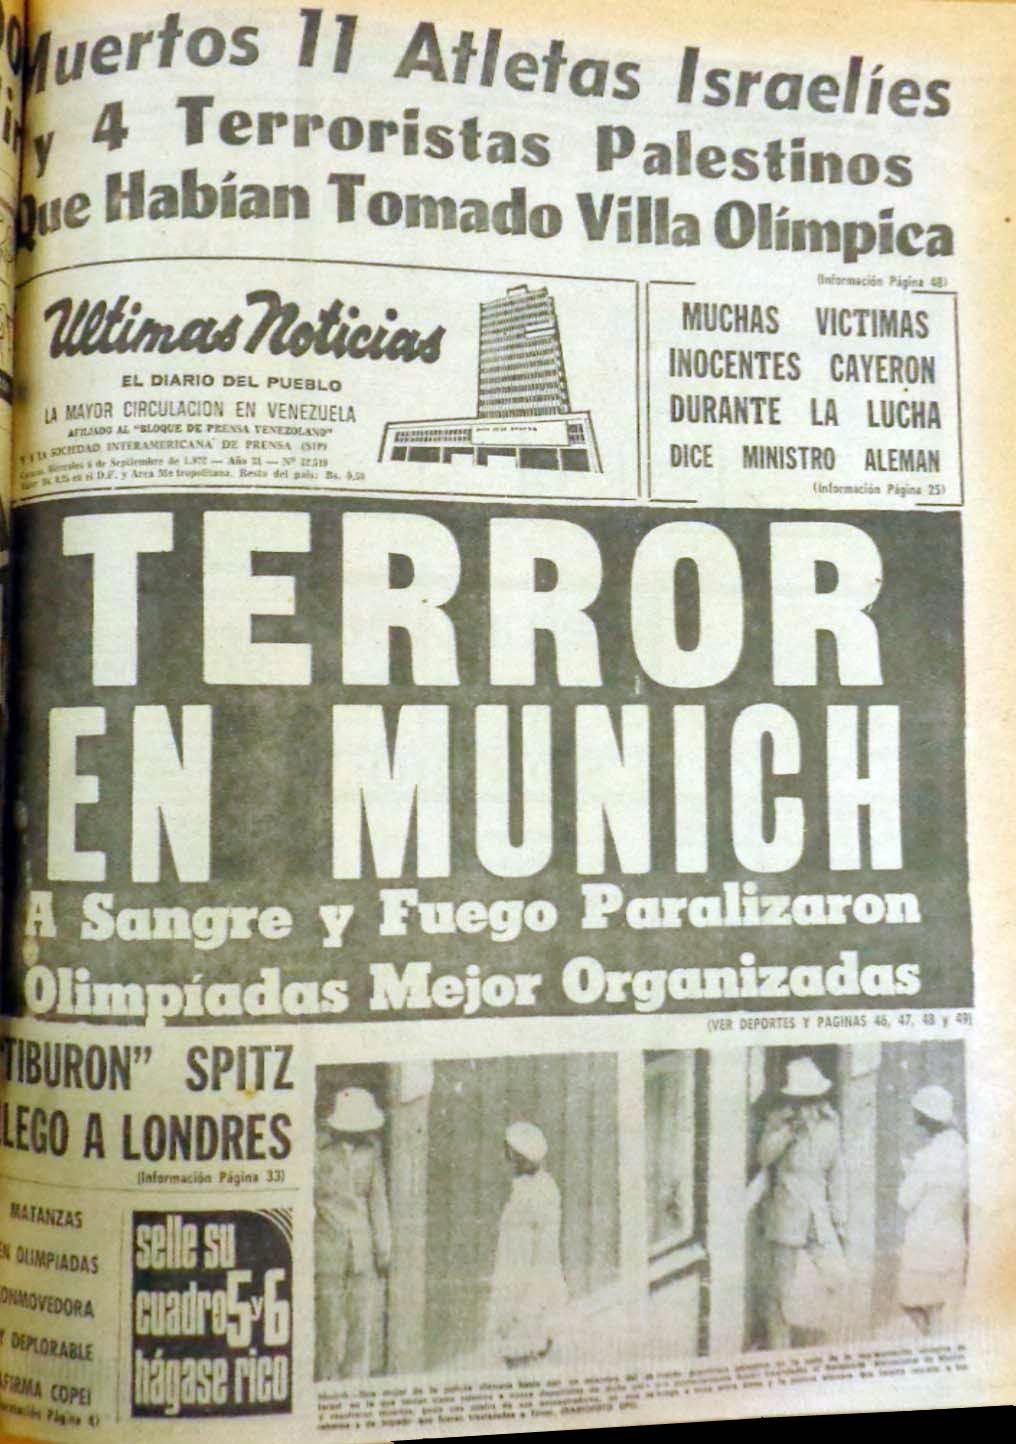 Portada del diario Últimas Noticias, del 6 de septiembre de 1972, sobre el atentado de Septiembre Negro a los Juegos Olímpicos de Munich 1972